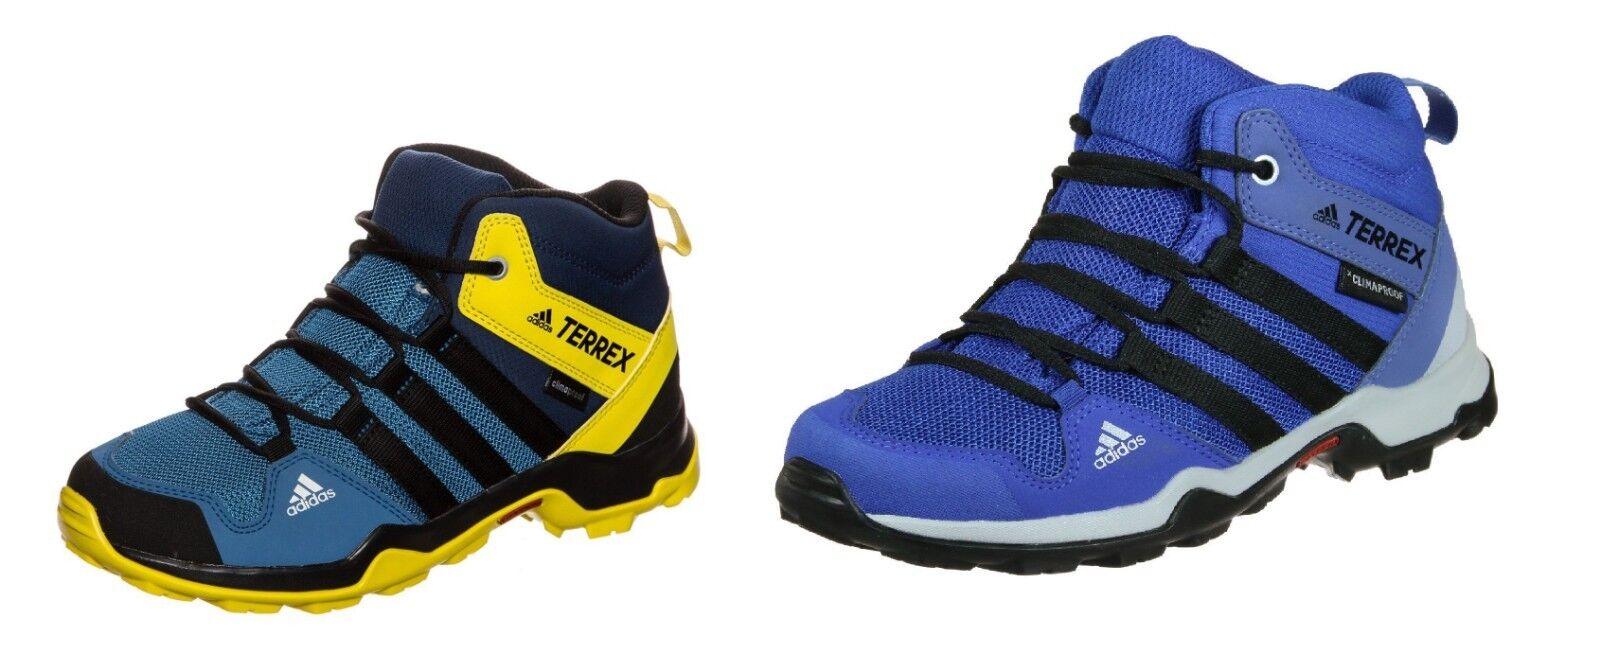 Adidas TERREX AX2R mid CP Kinder Wanderschuhe Trekkingschuhe 34 - 40 wasserdicht